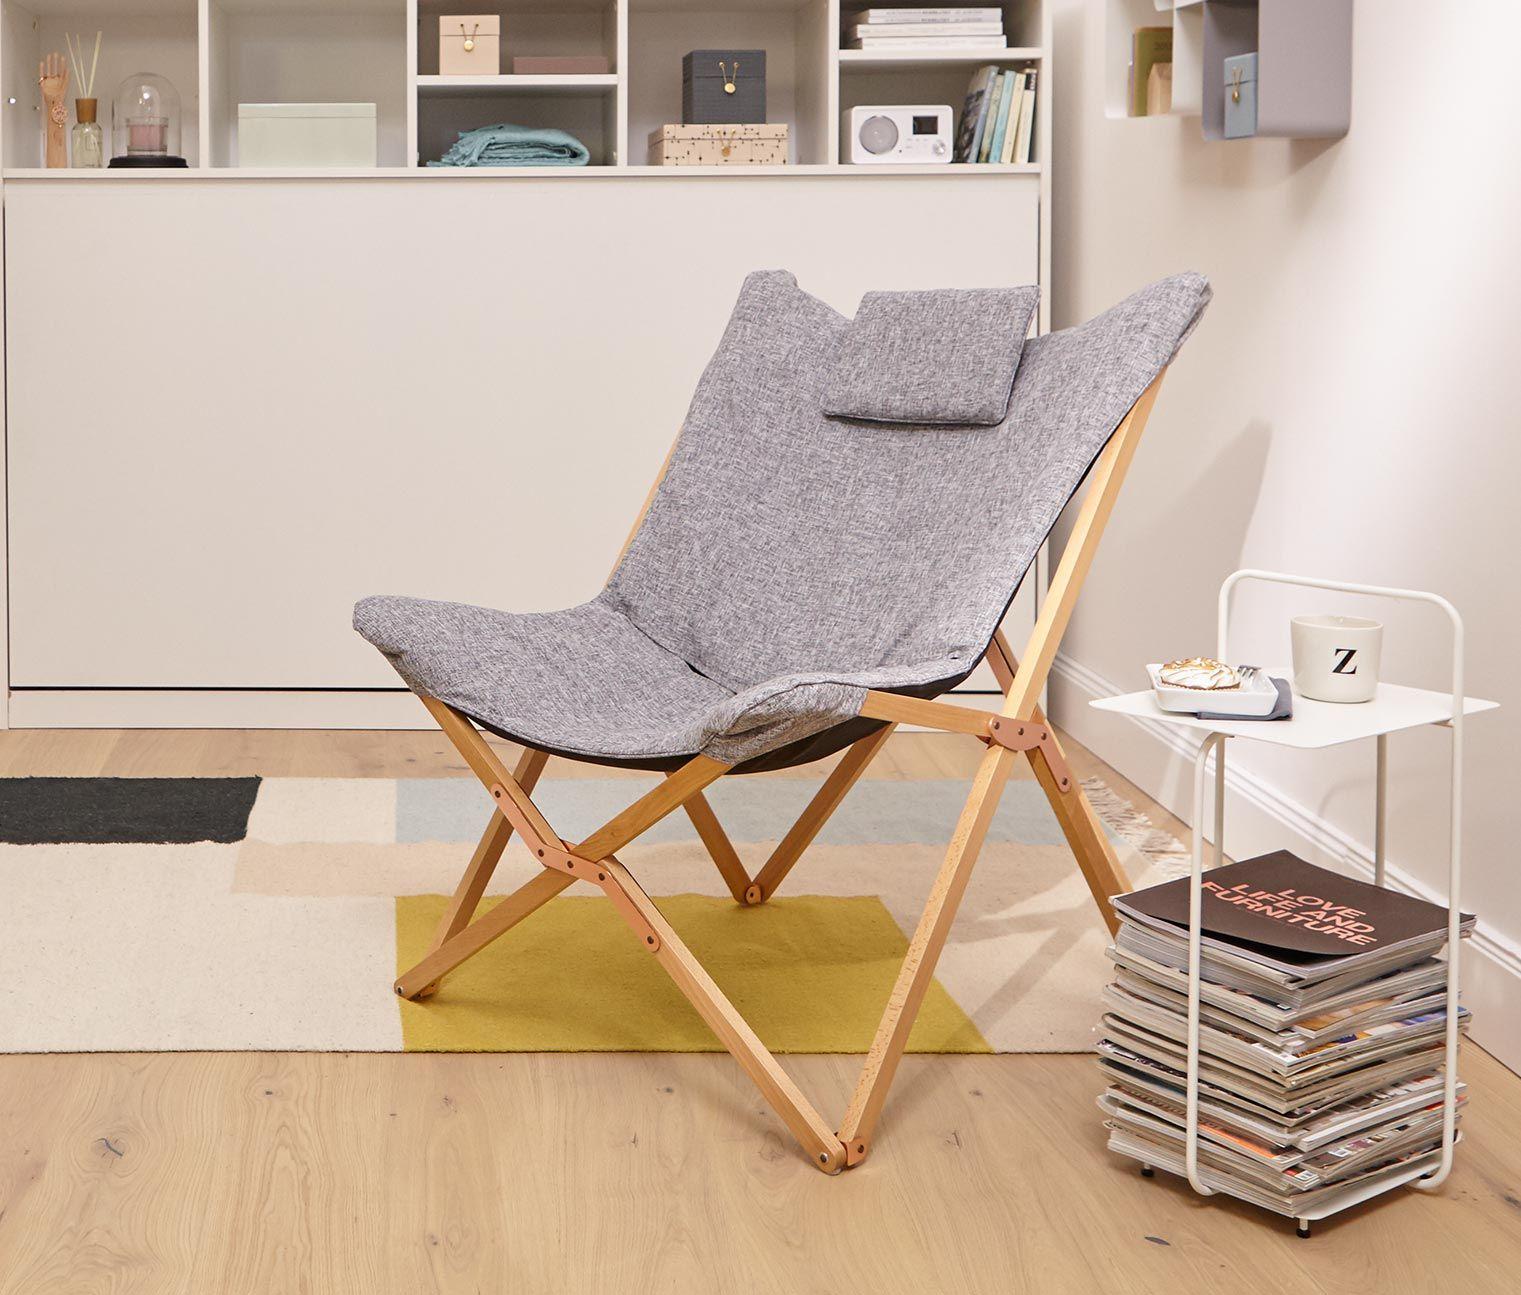 119,00 € Stilvoll & komfortabel Dieser bequeme Lounge-Sessel hat ein ...